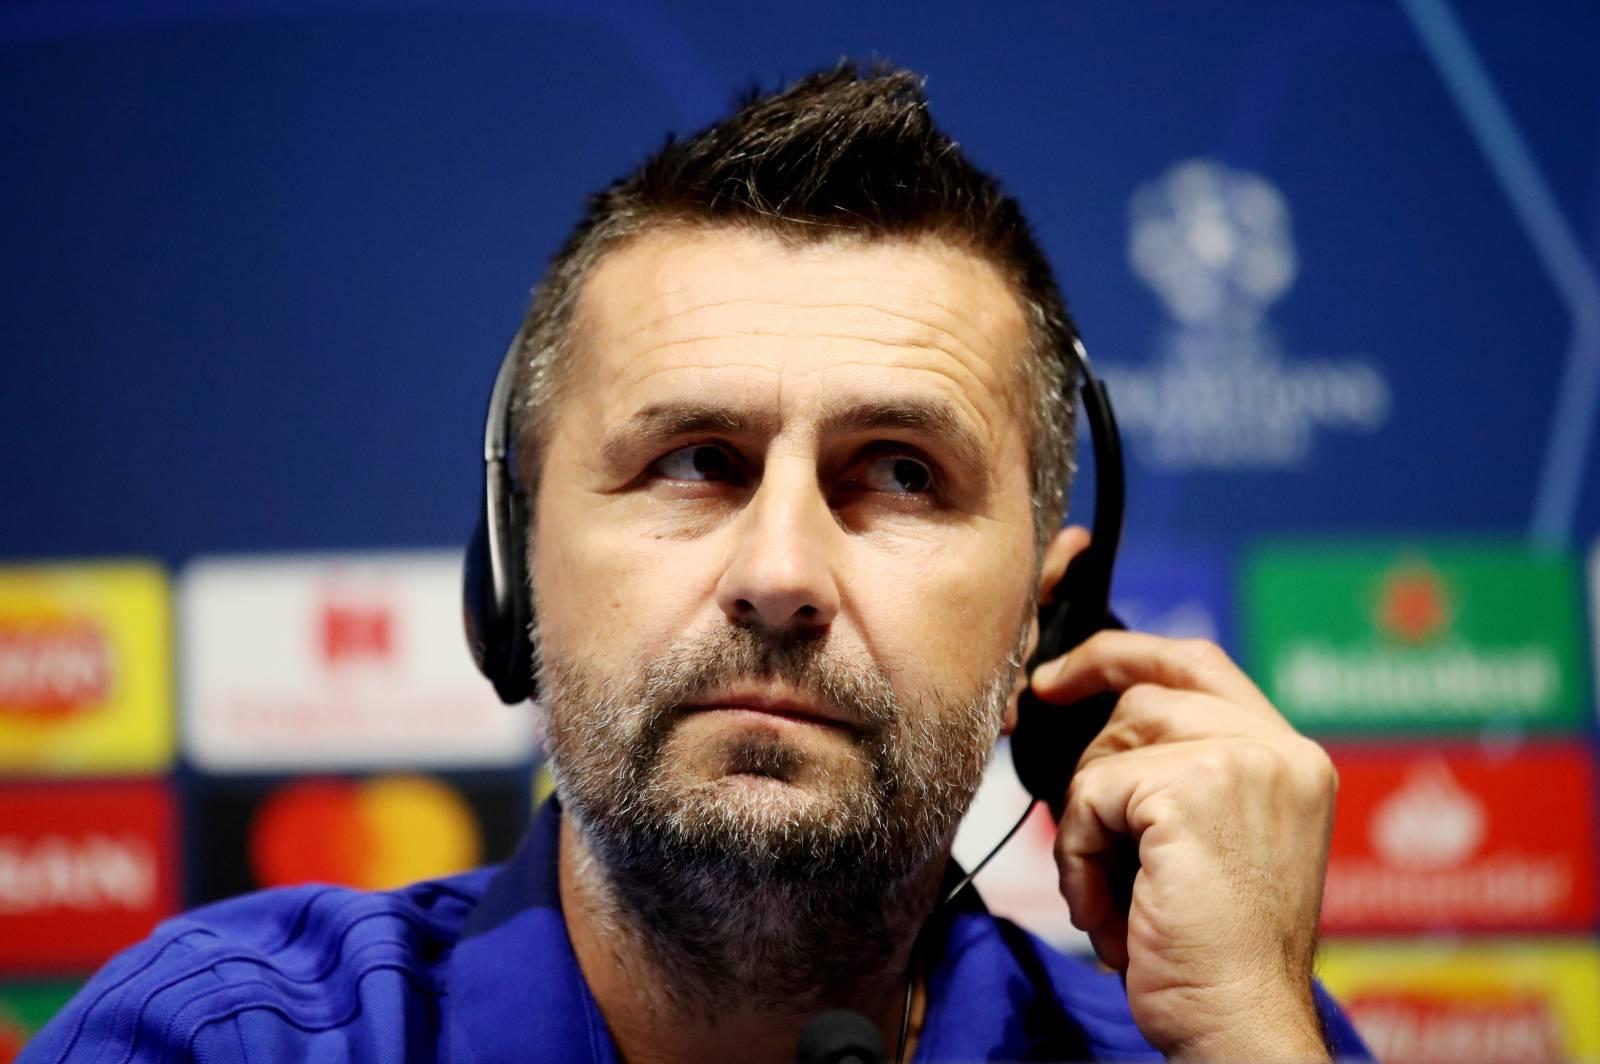 Champions League - Dinamo Zagreb Press Conference